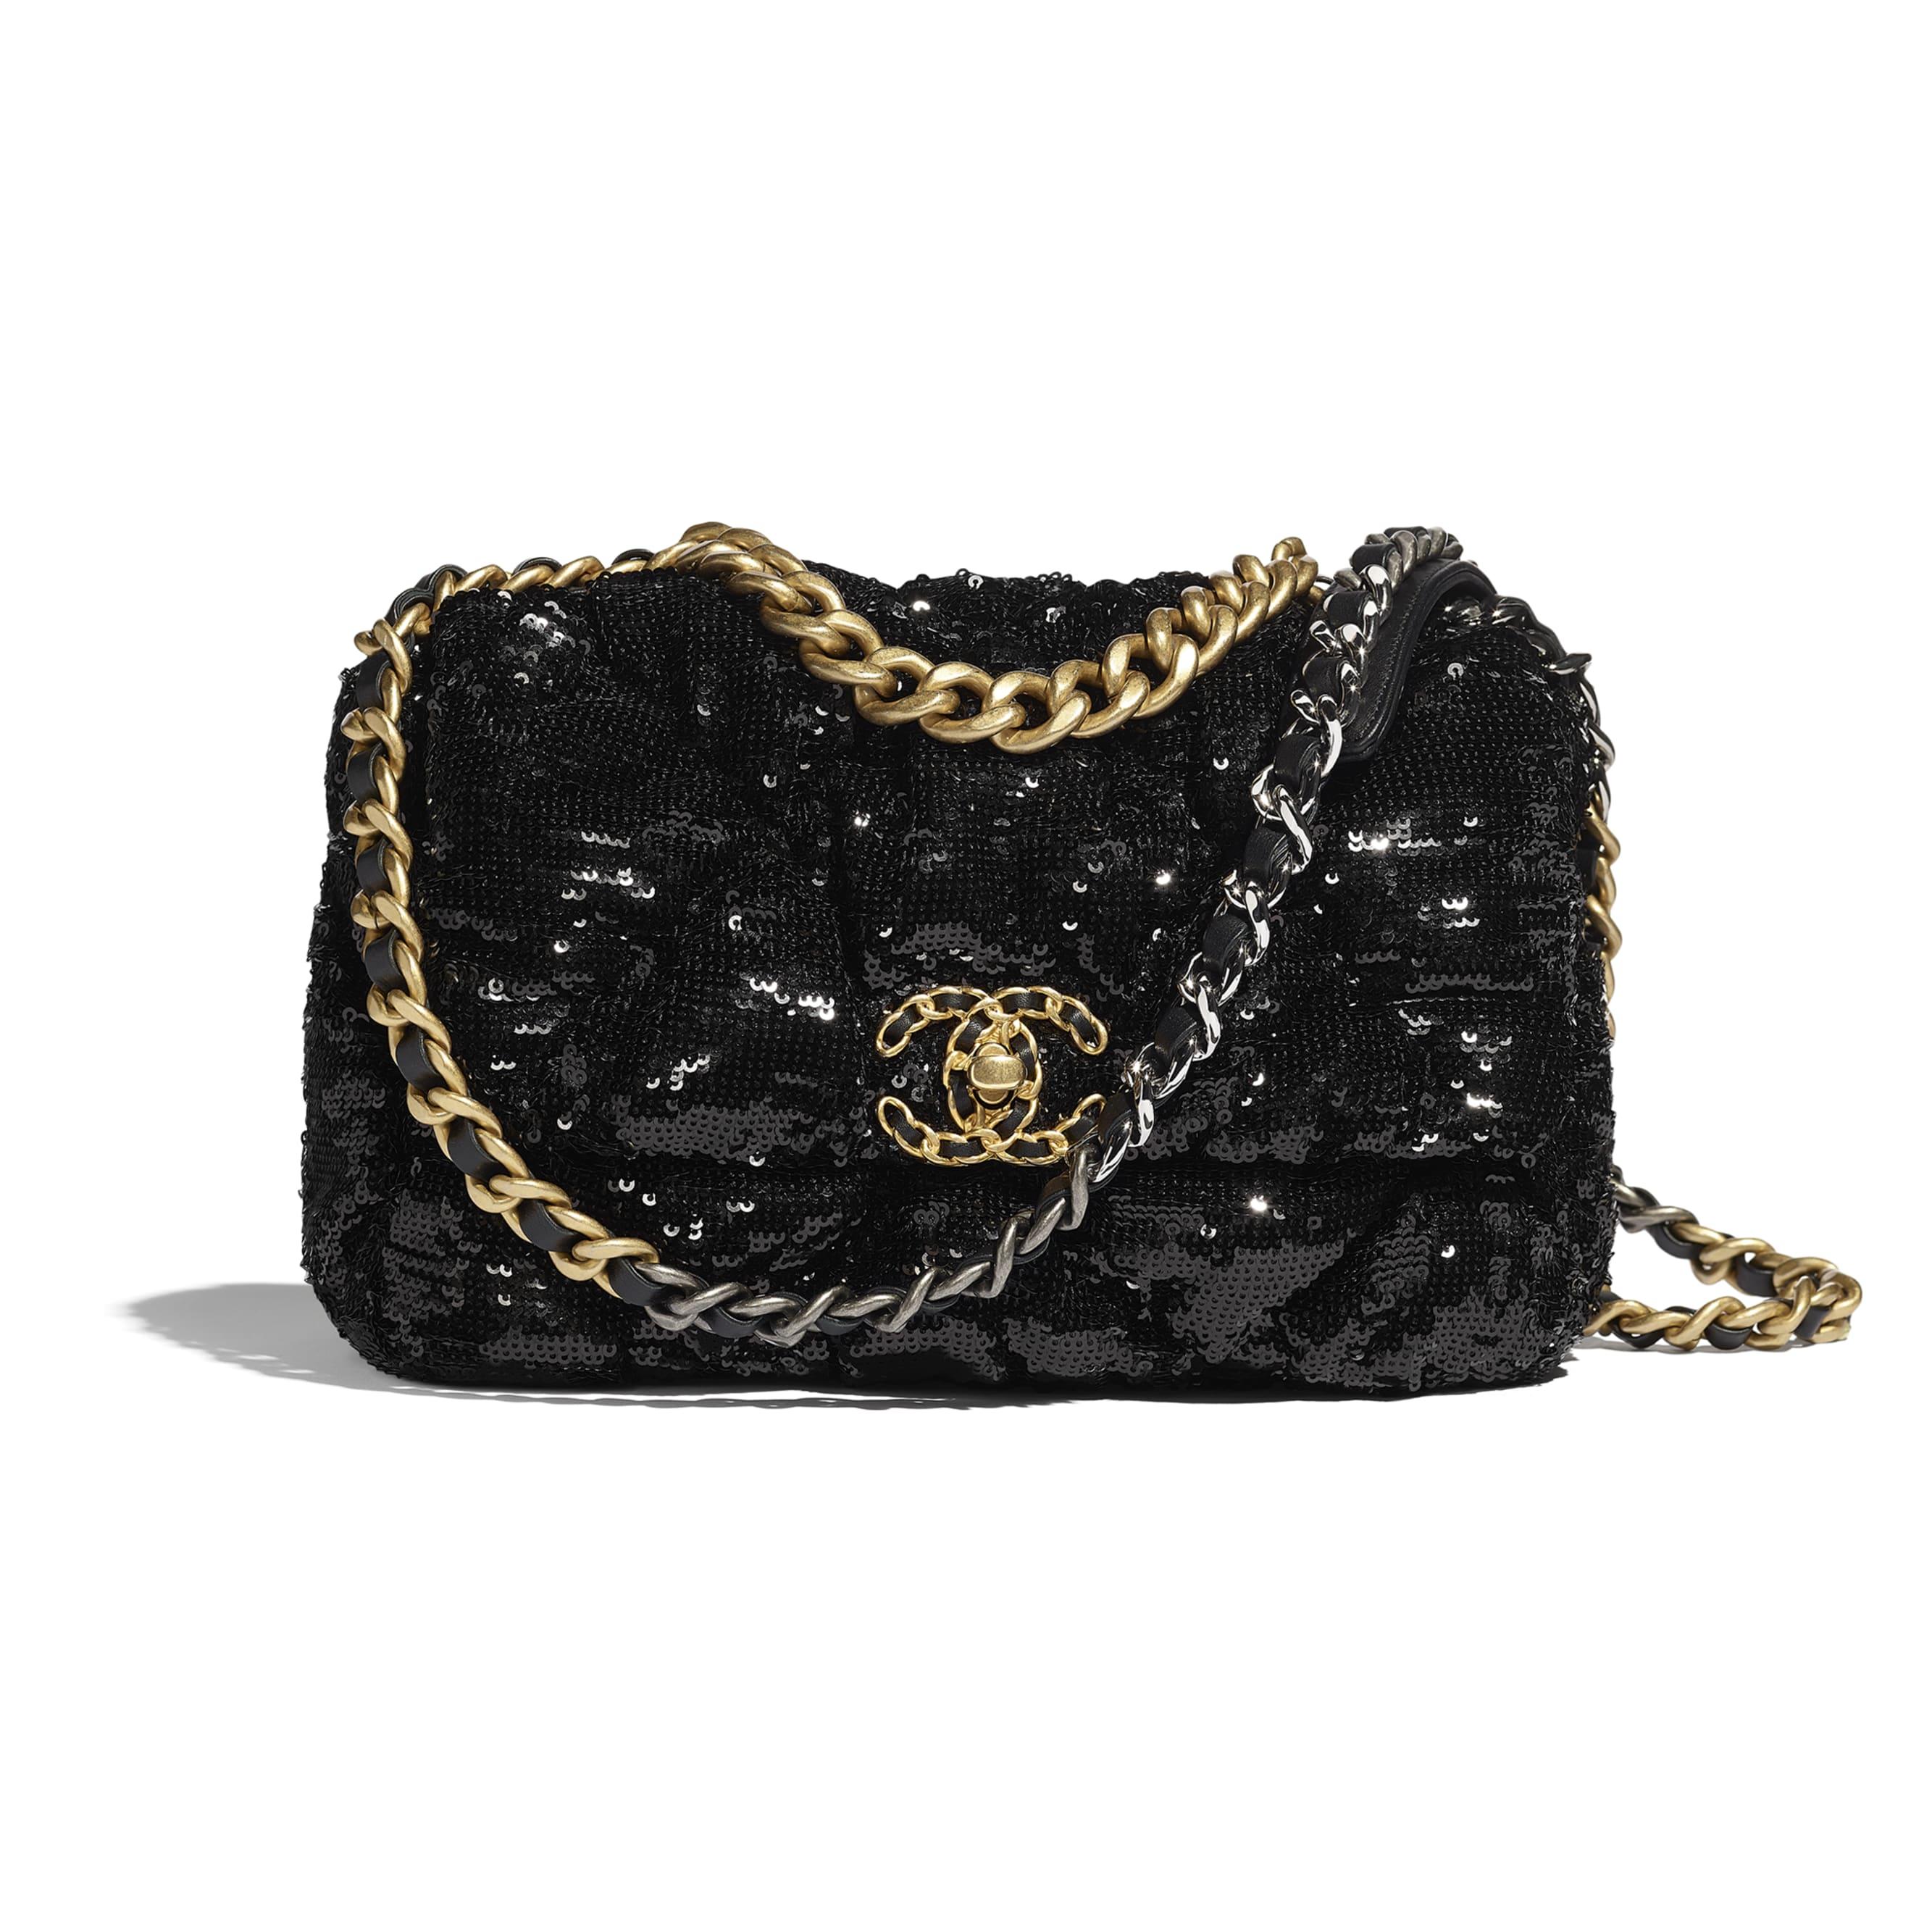 Bolsa CHANEL 19 - Black - Sequins, Gold-Tone, Siver-Tone & Ruthenium-Finish Metal - CHANEL - Vista predefinida - ver a versão em tamanho standard